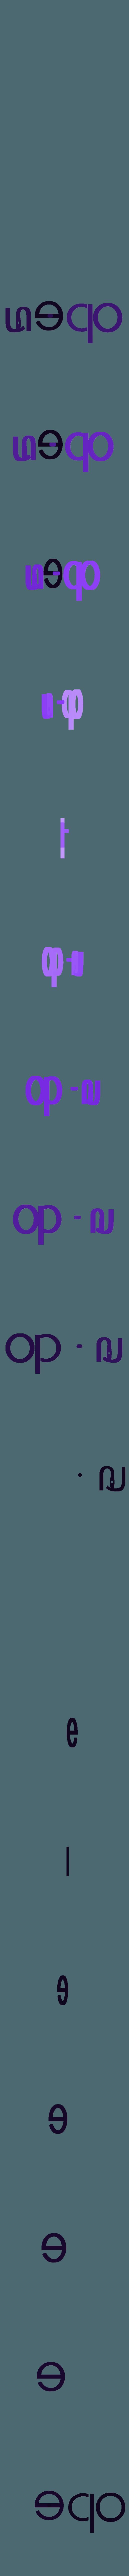 words.stl Télécharger fichier STL gratuit Ouvrir Fermerture Fermer Panneau • Modèle pour imprimante 3D, year1984wee